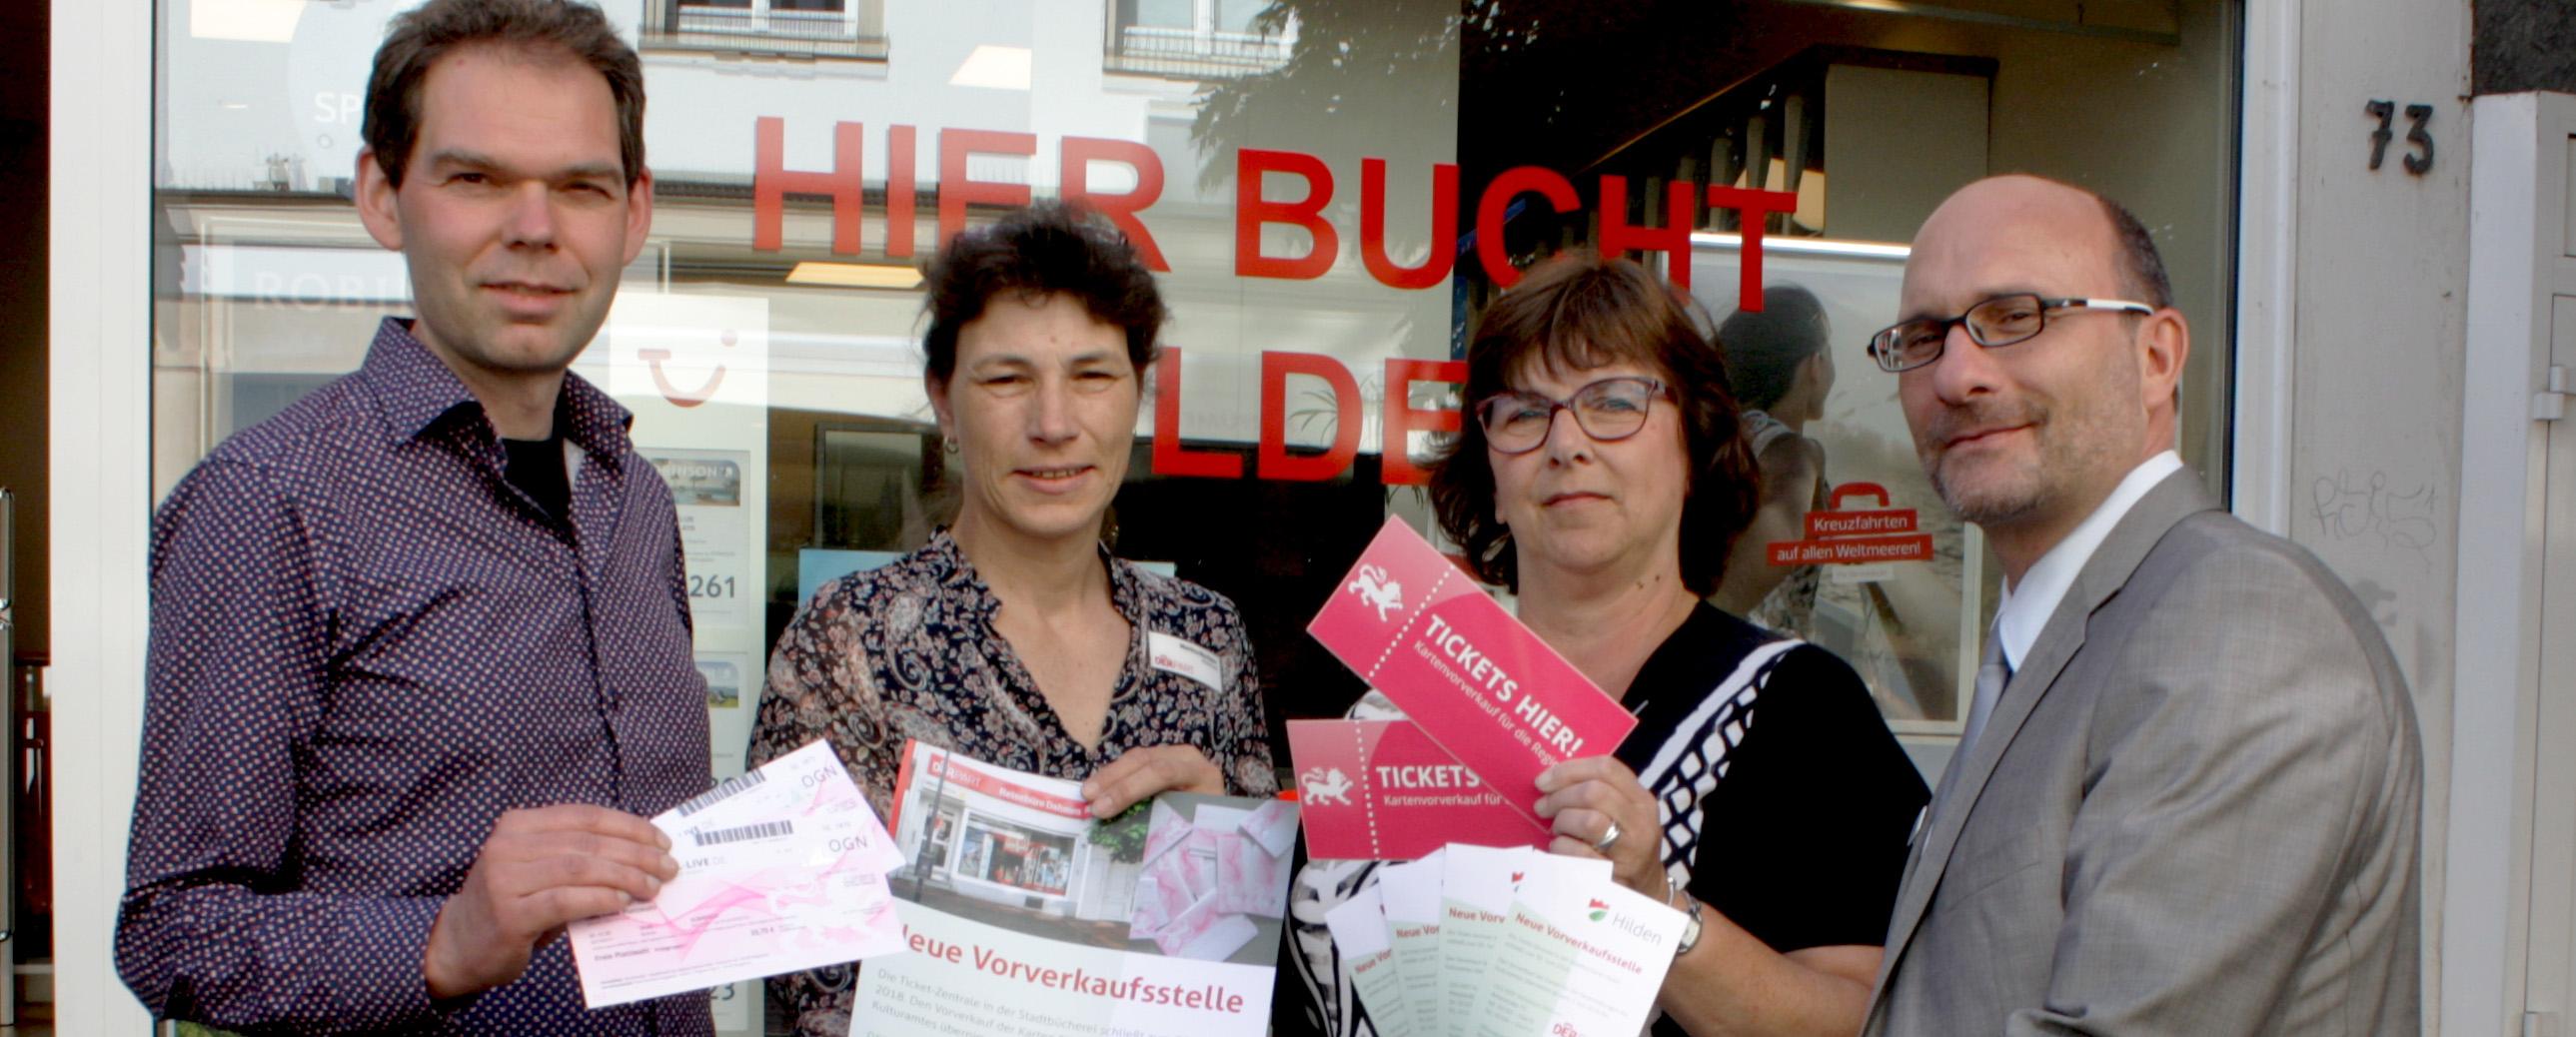 NeanderTicket: DERPART Reisebüro löst Ticketzentrale Hilden als Vorverkaufsstelle ab